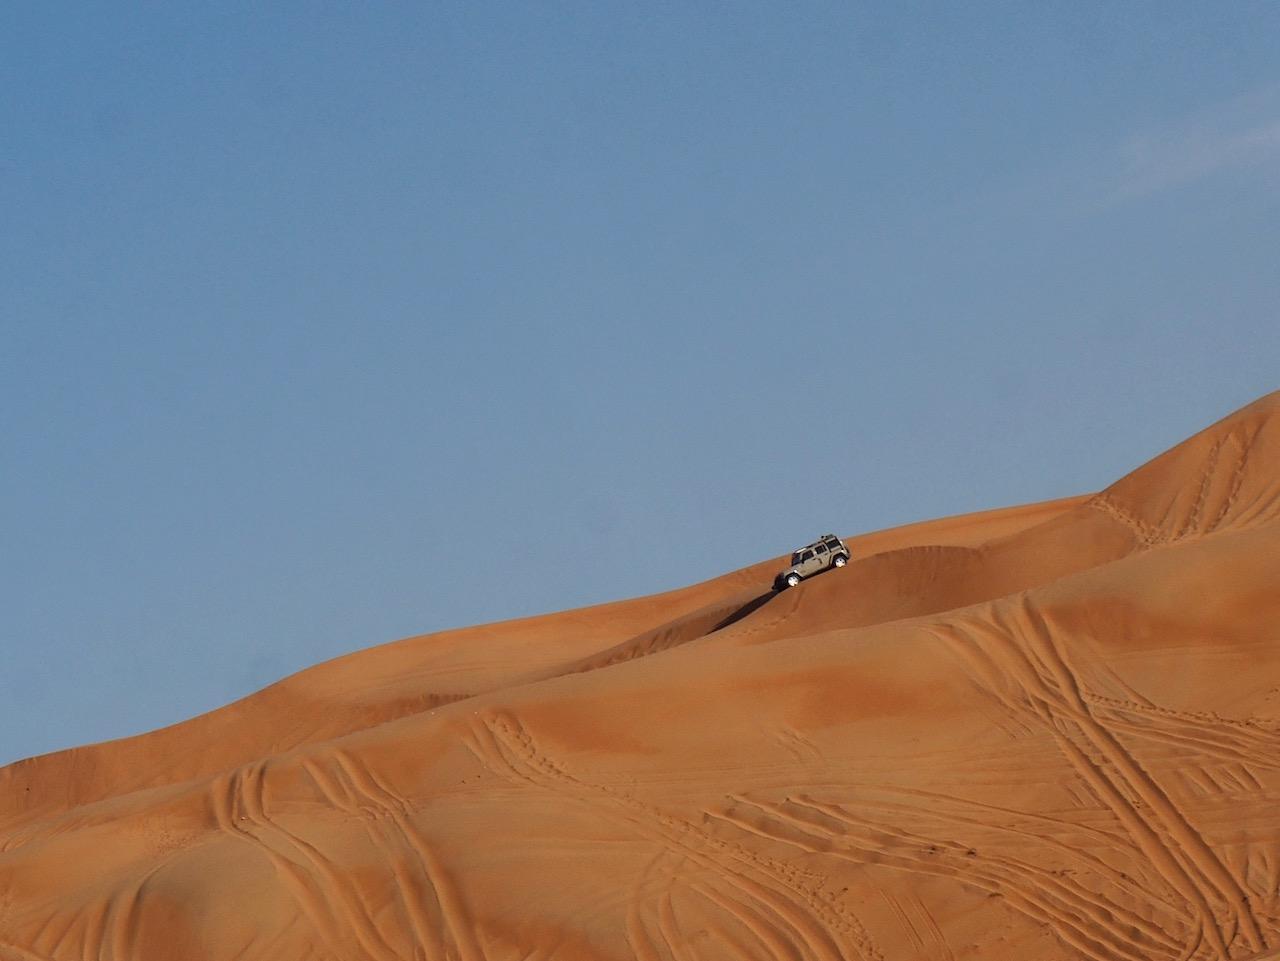 Voyage à Oman, dune bashing dans le désert de Wahiba Sands